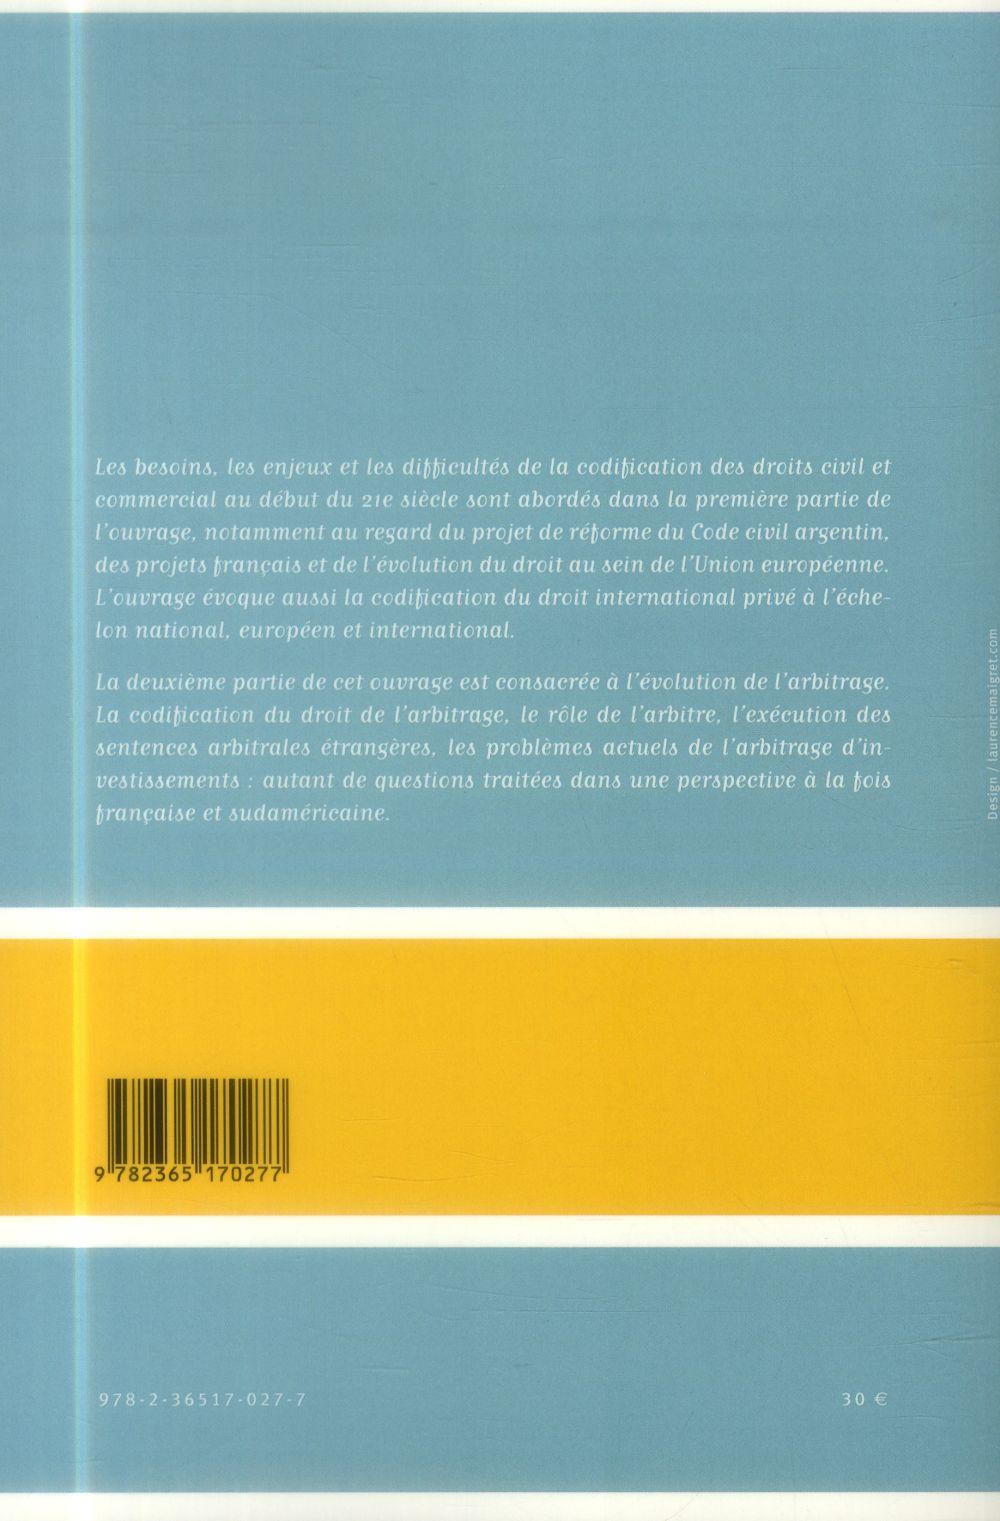 Codification du droit privé et évolution du droit de l'arbitrage ; journées franco-sudaméricaines de droit comparé, 3-4 octobre 2013